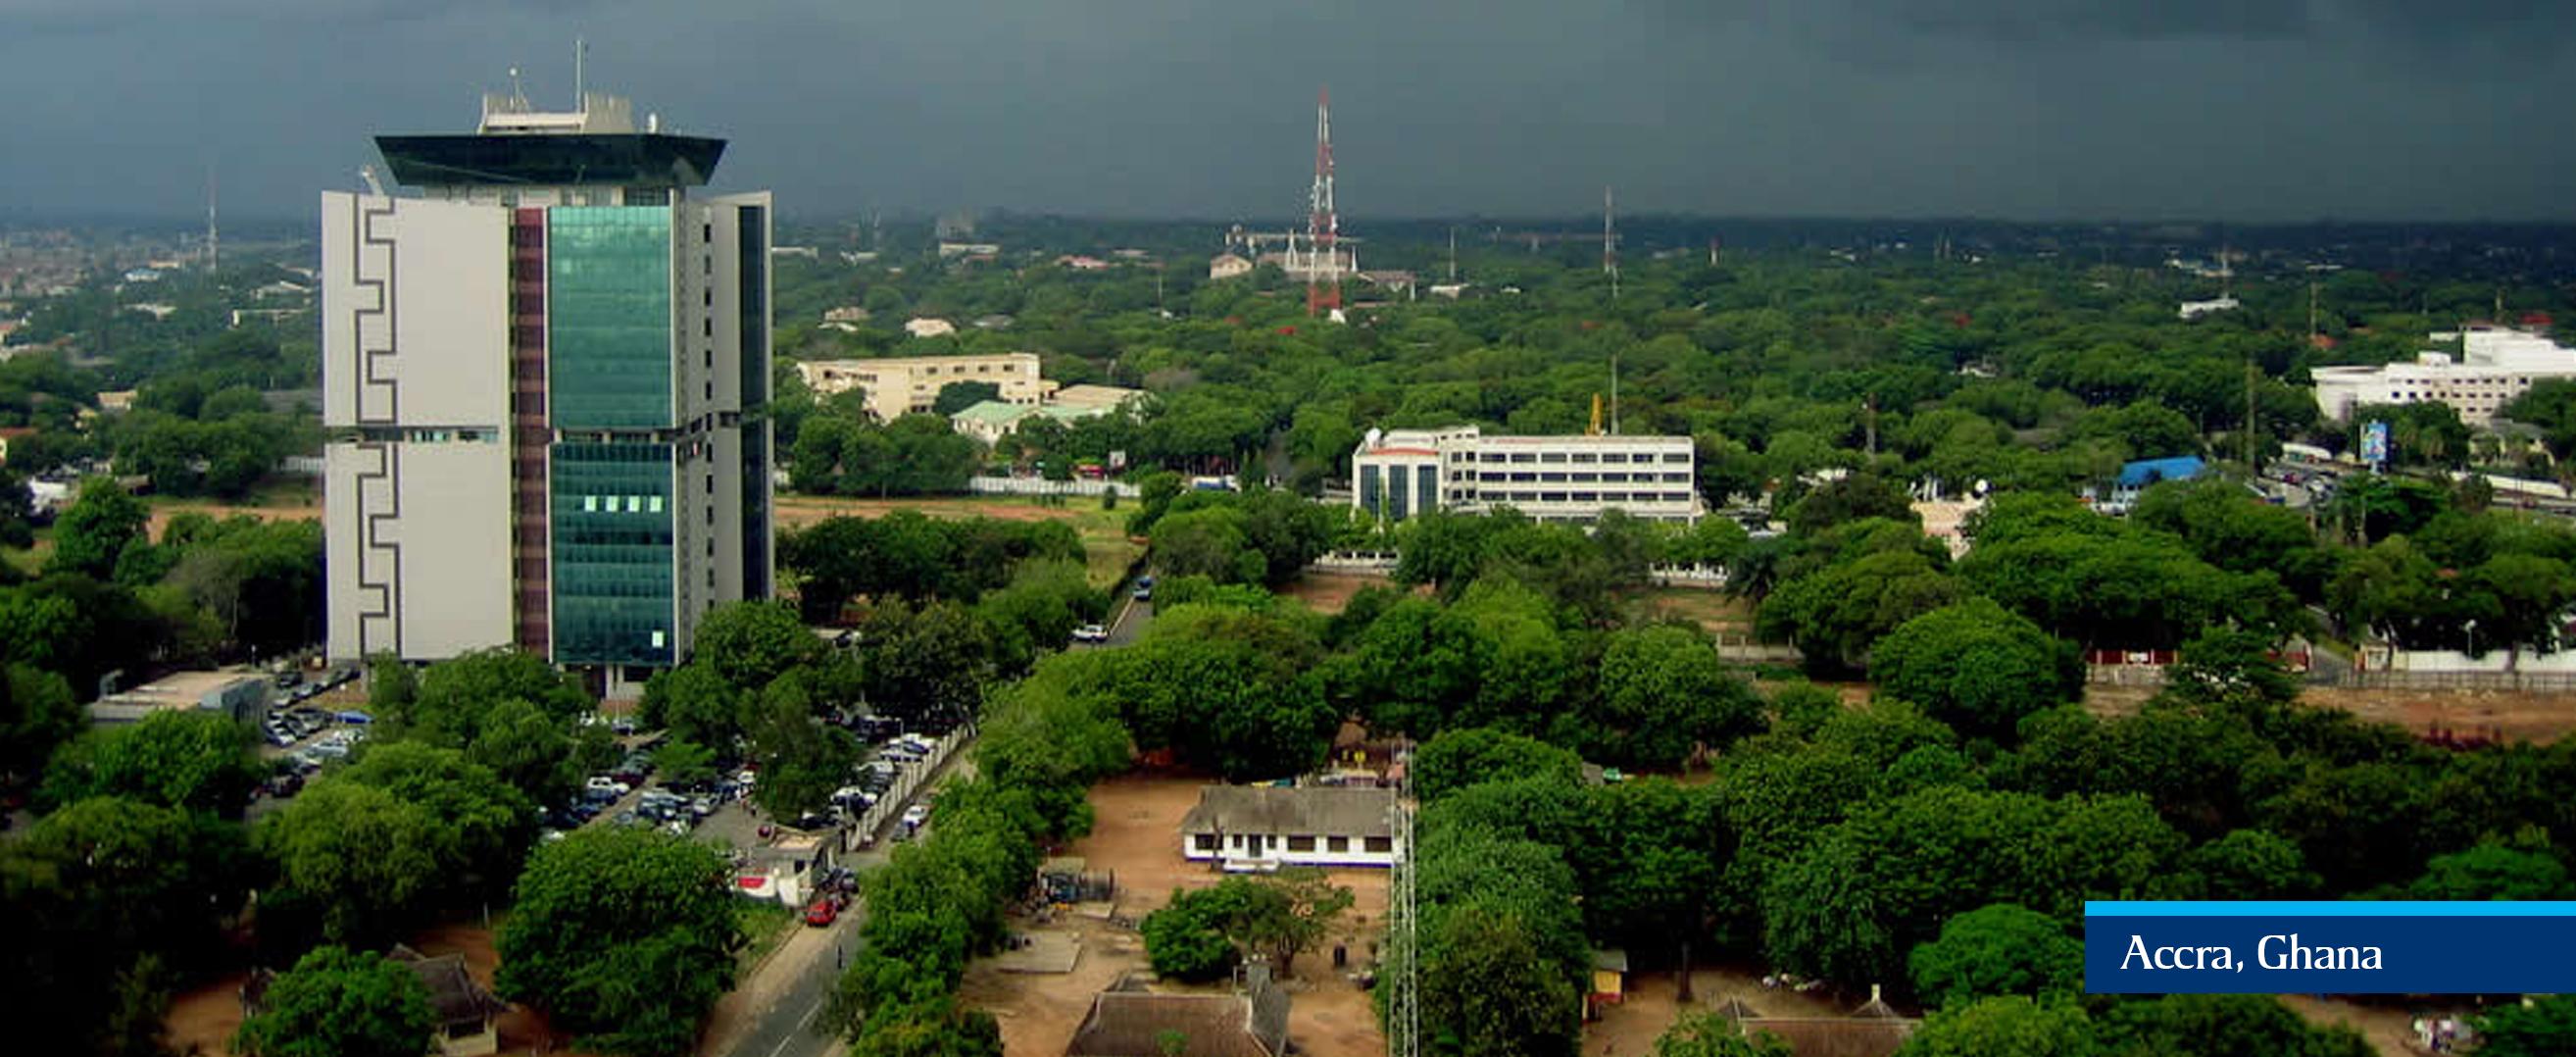 Accra1